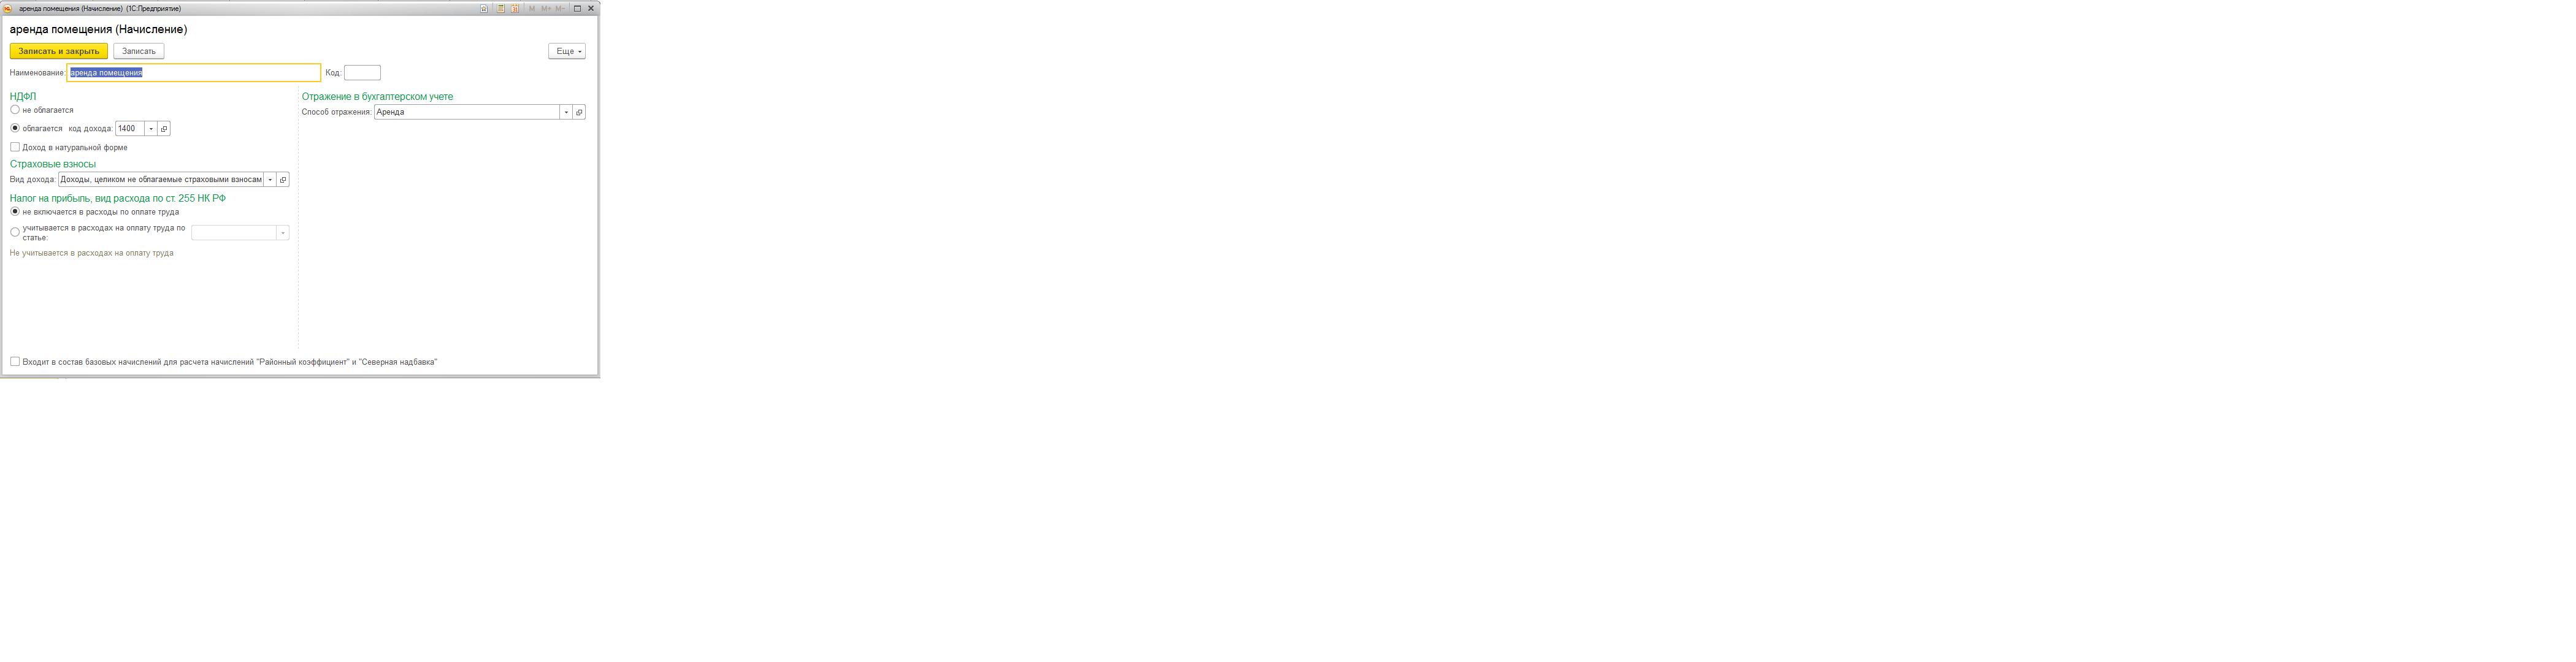 Ндфл с аренды помещения у физического лица 2016 куда платить